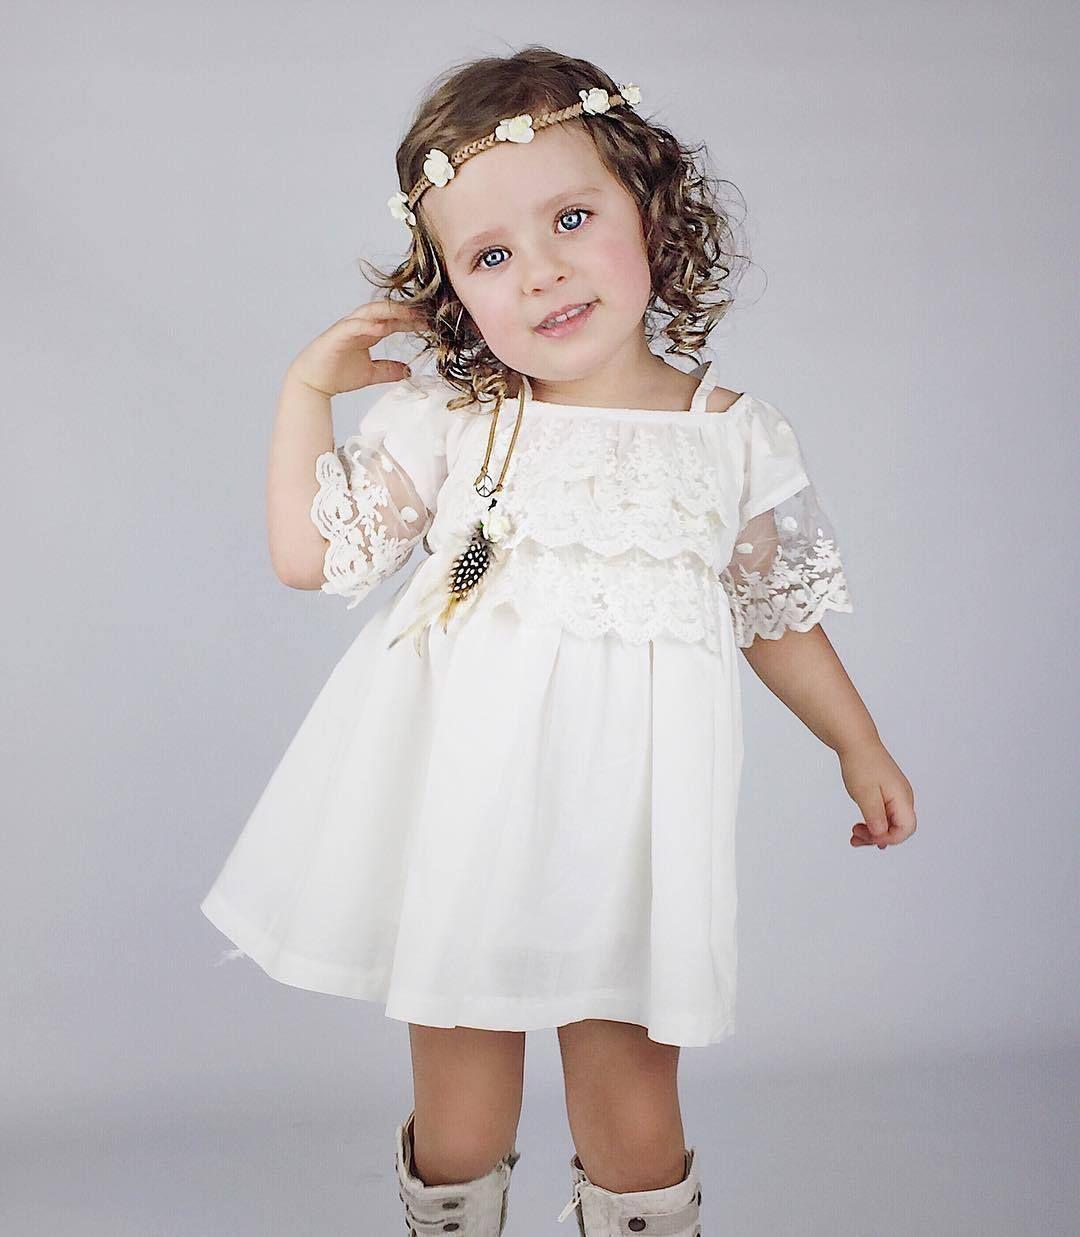 Großhandel Kinder Kleidung Mädchen Kleid Mit Vintage Floral Top Sommer  Party Hochzeit Besondere Occasi Prinzessin Kinder Kleider Für Mädchen  Kleidung